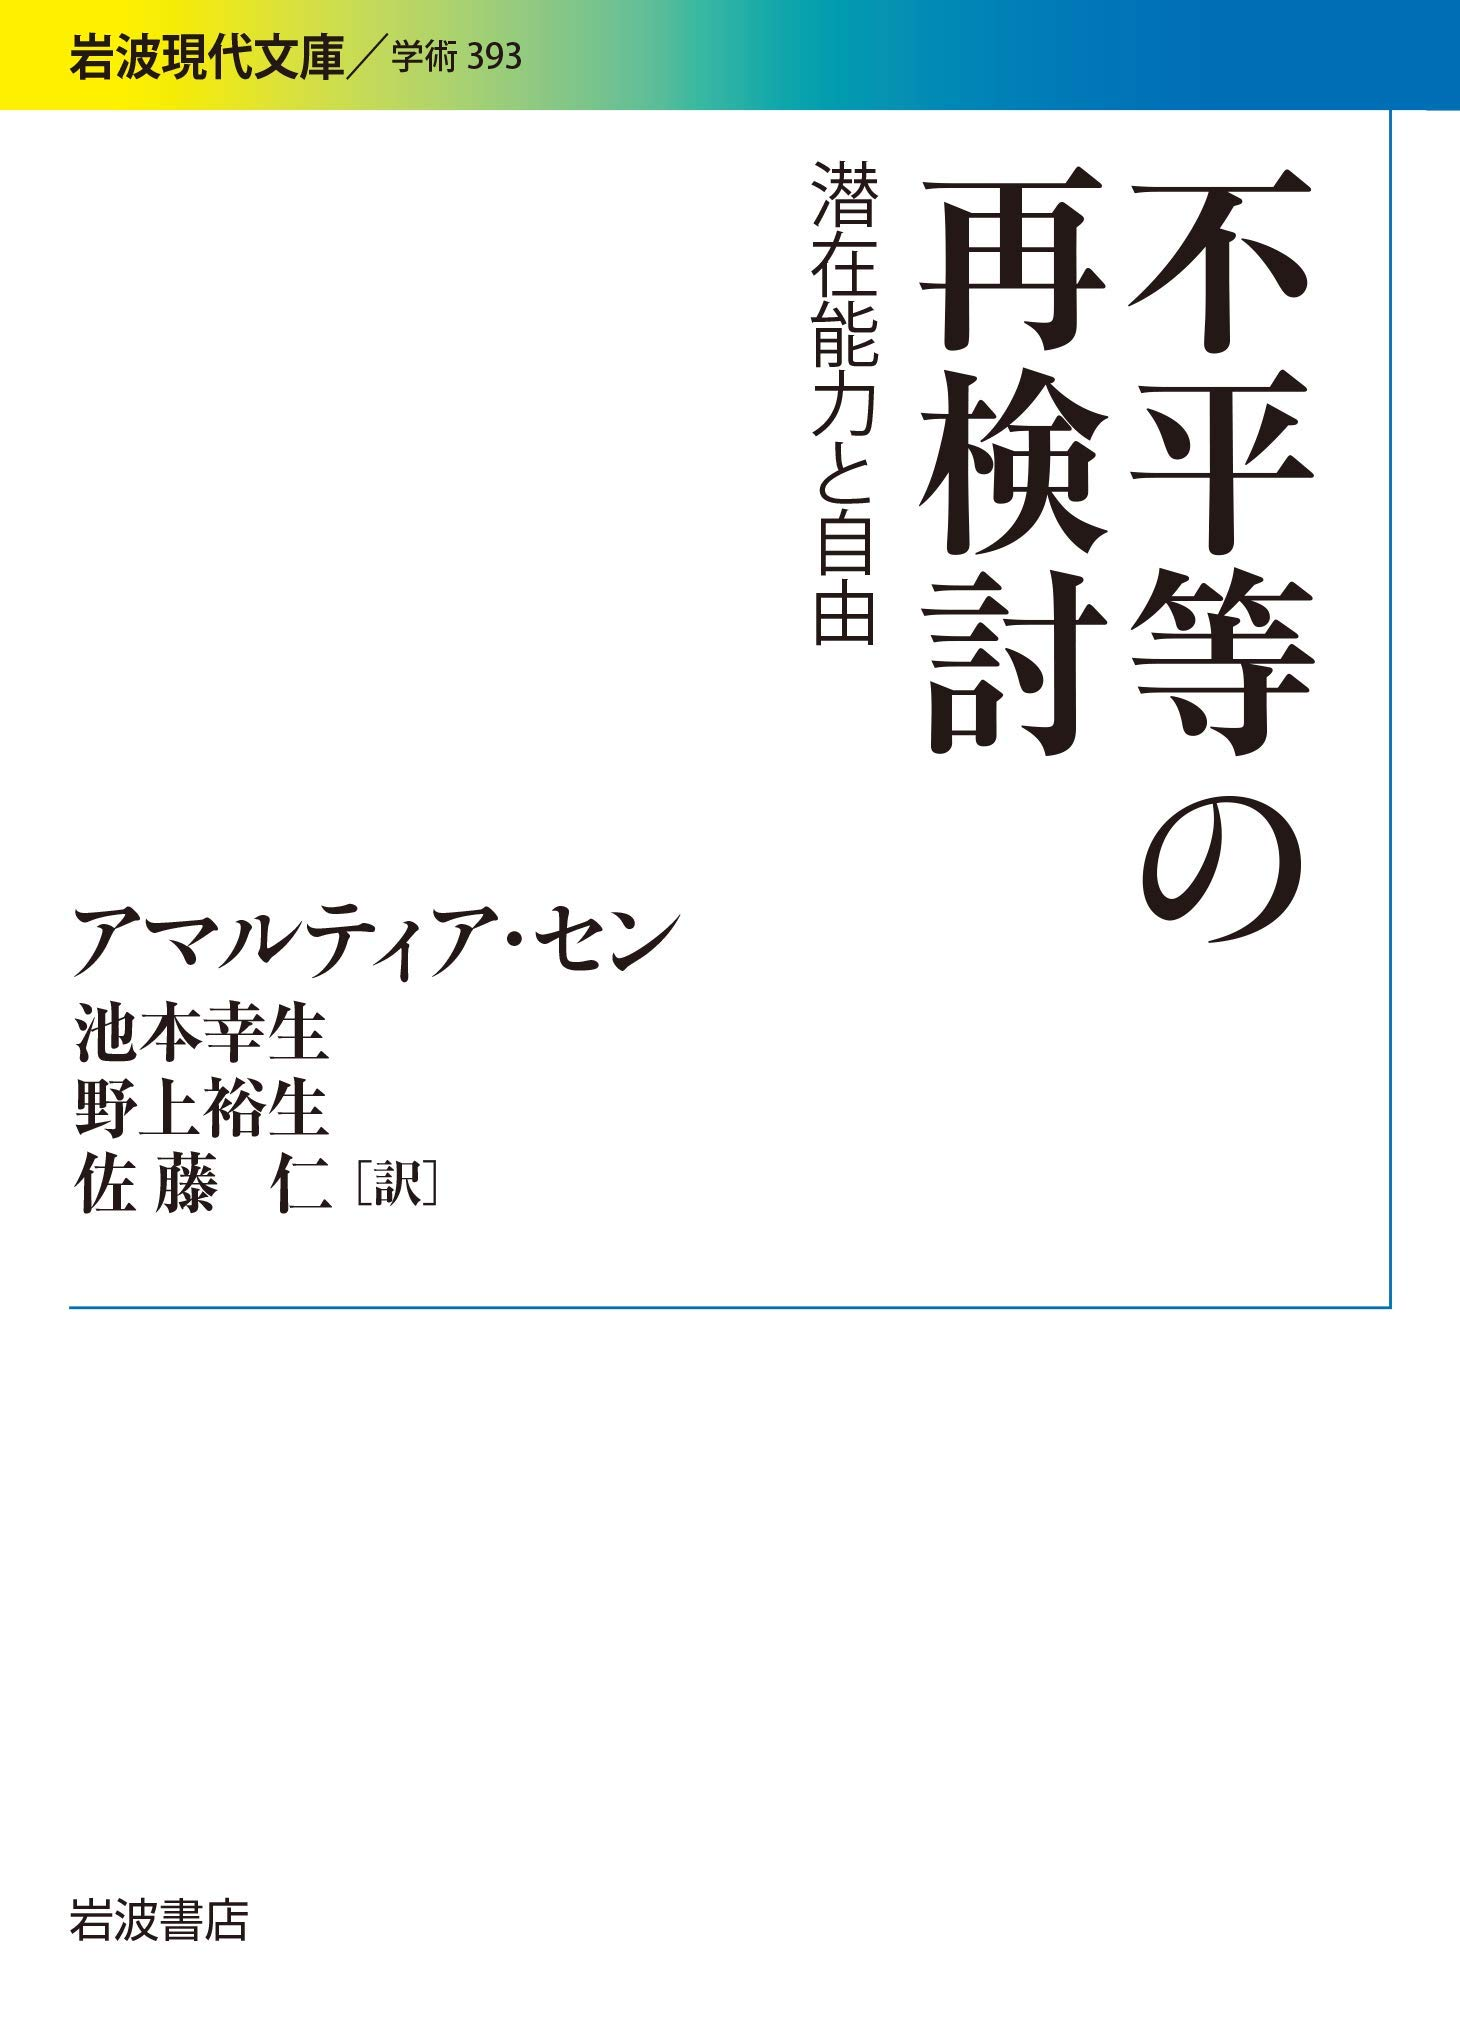 アマルティア・セン(2018)『不平等の再検討 潜在能力と自由』岩波現代文庫